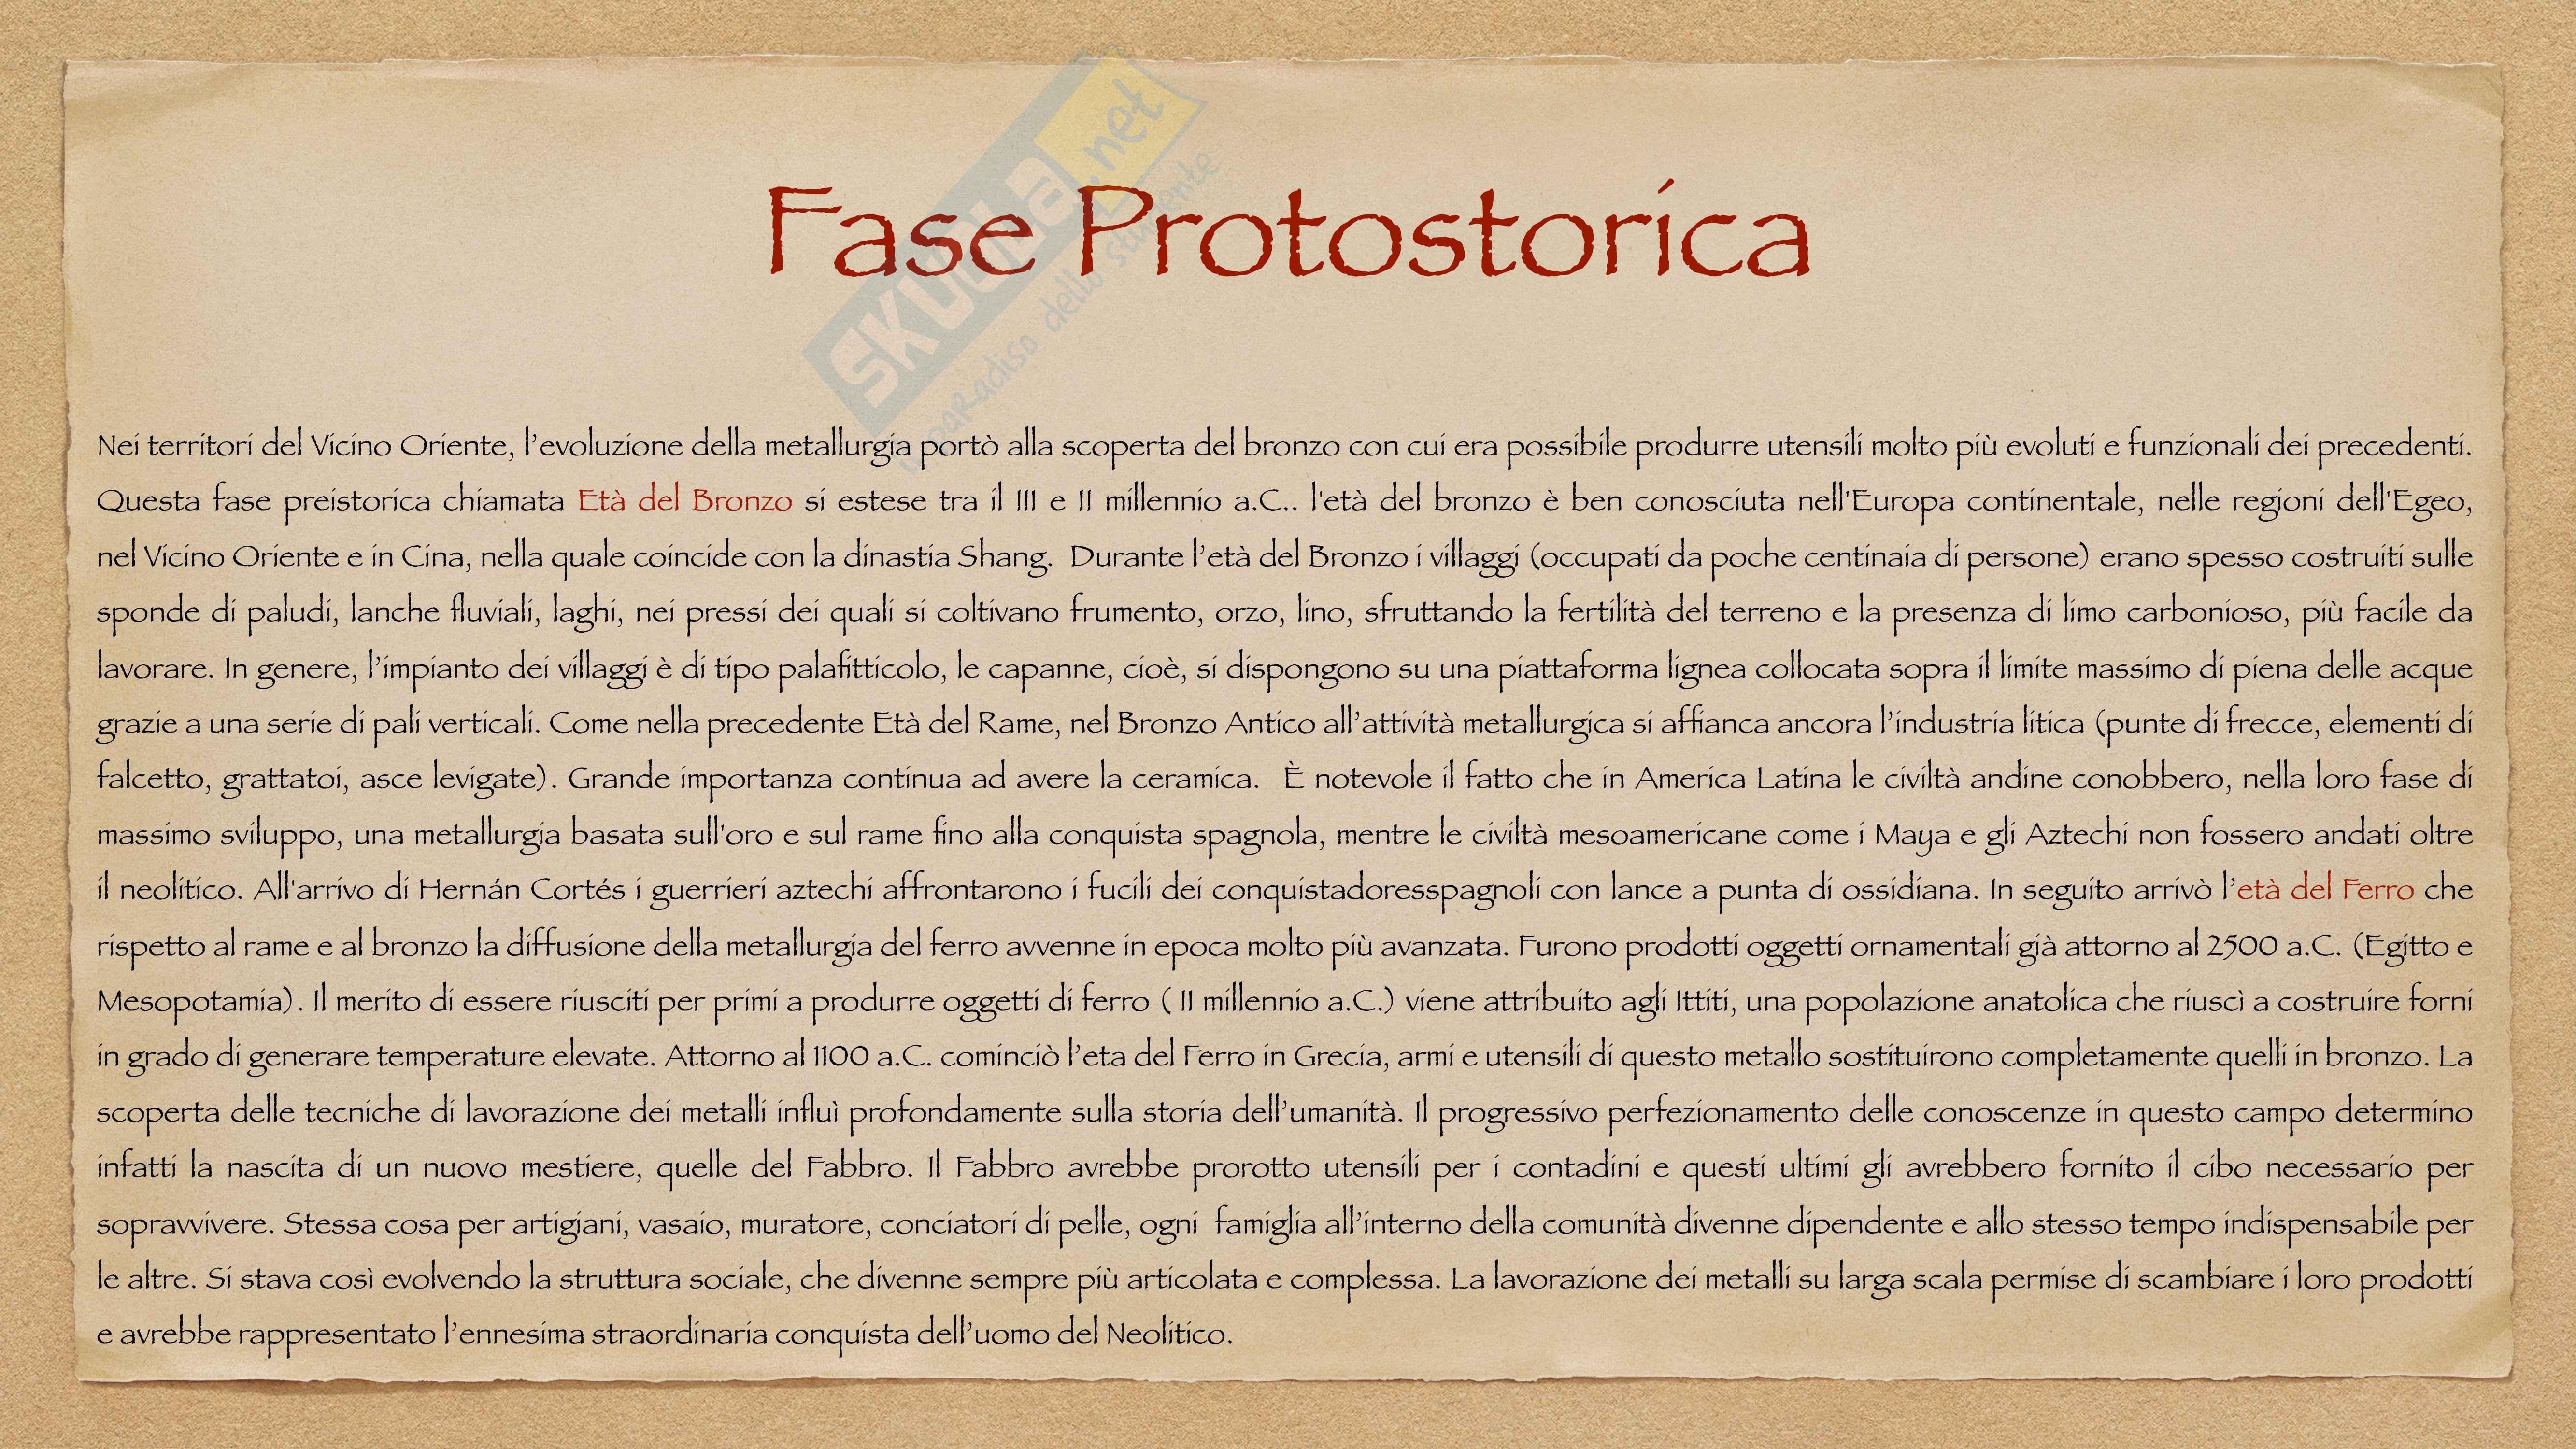 Preistoria - Nascita ed evoluzione dell'uomo Pag. 6